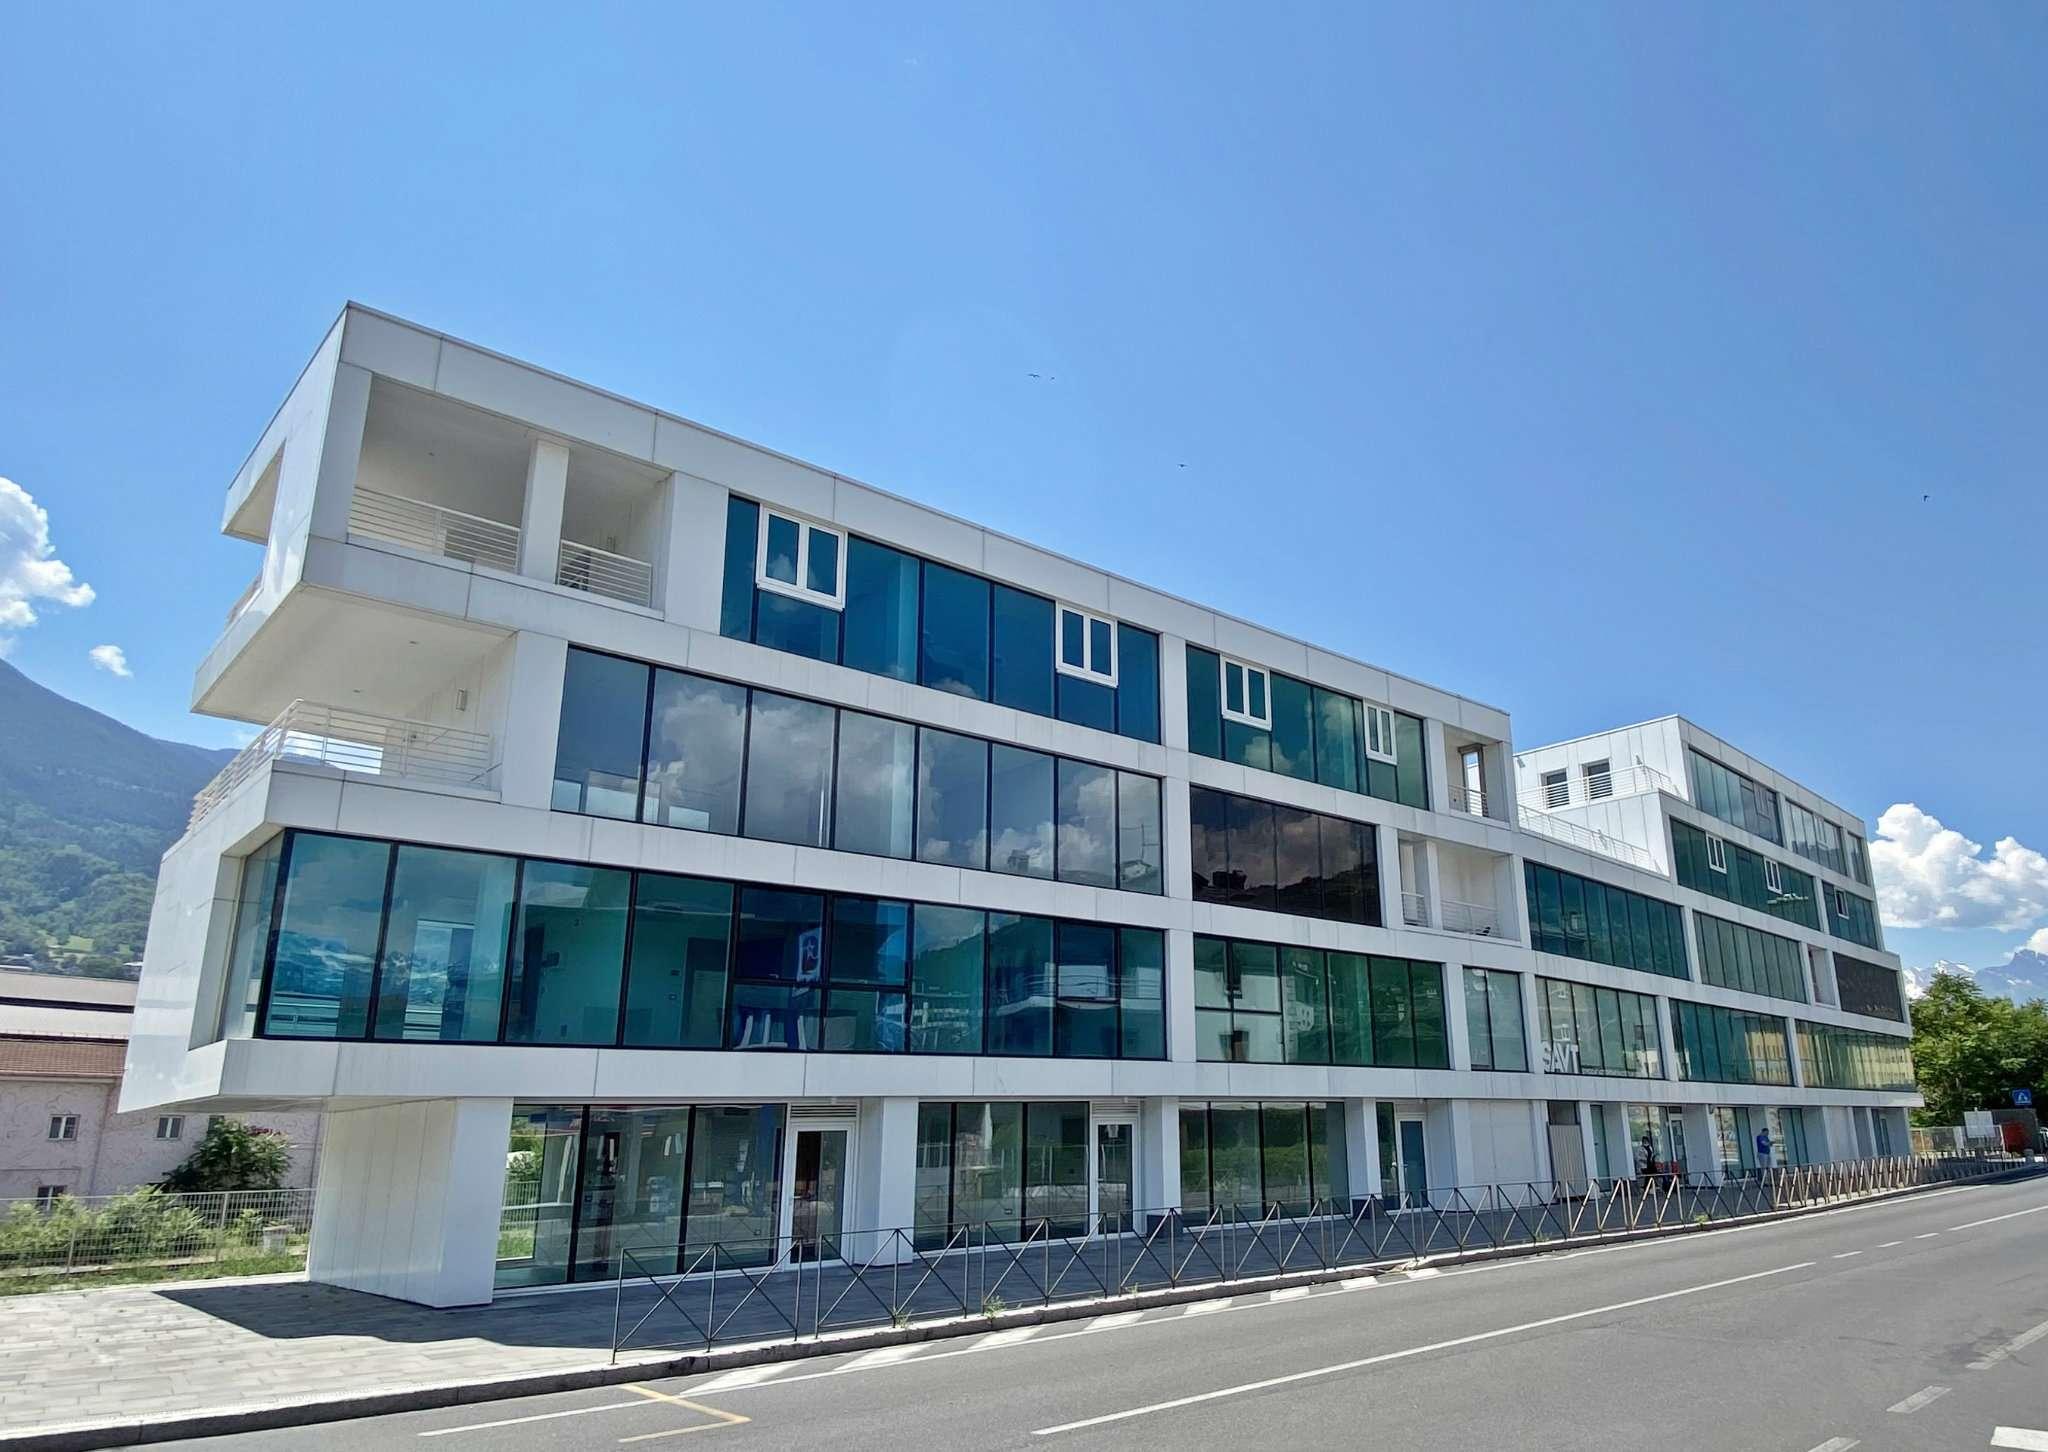 Appartamento in vendita a Aosta, 4 locali, prezzo € 320.000 | CambioCasa.it